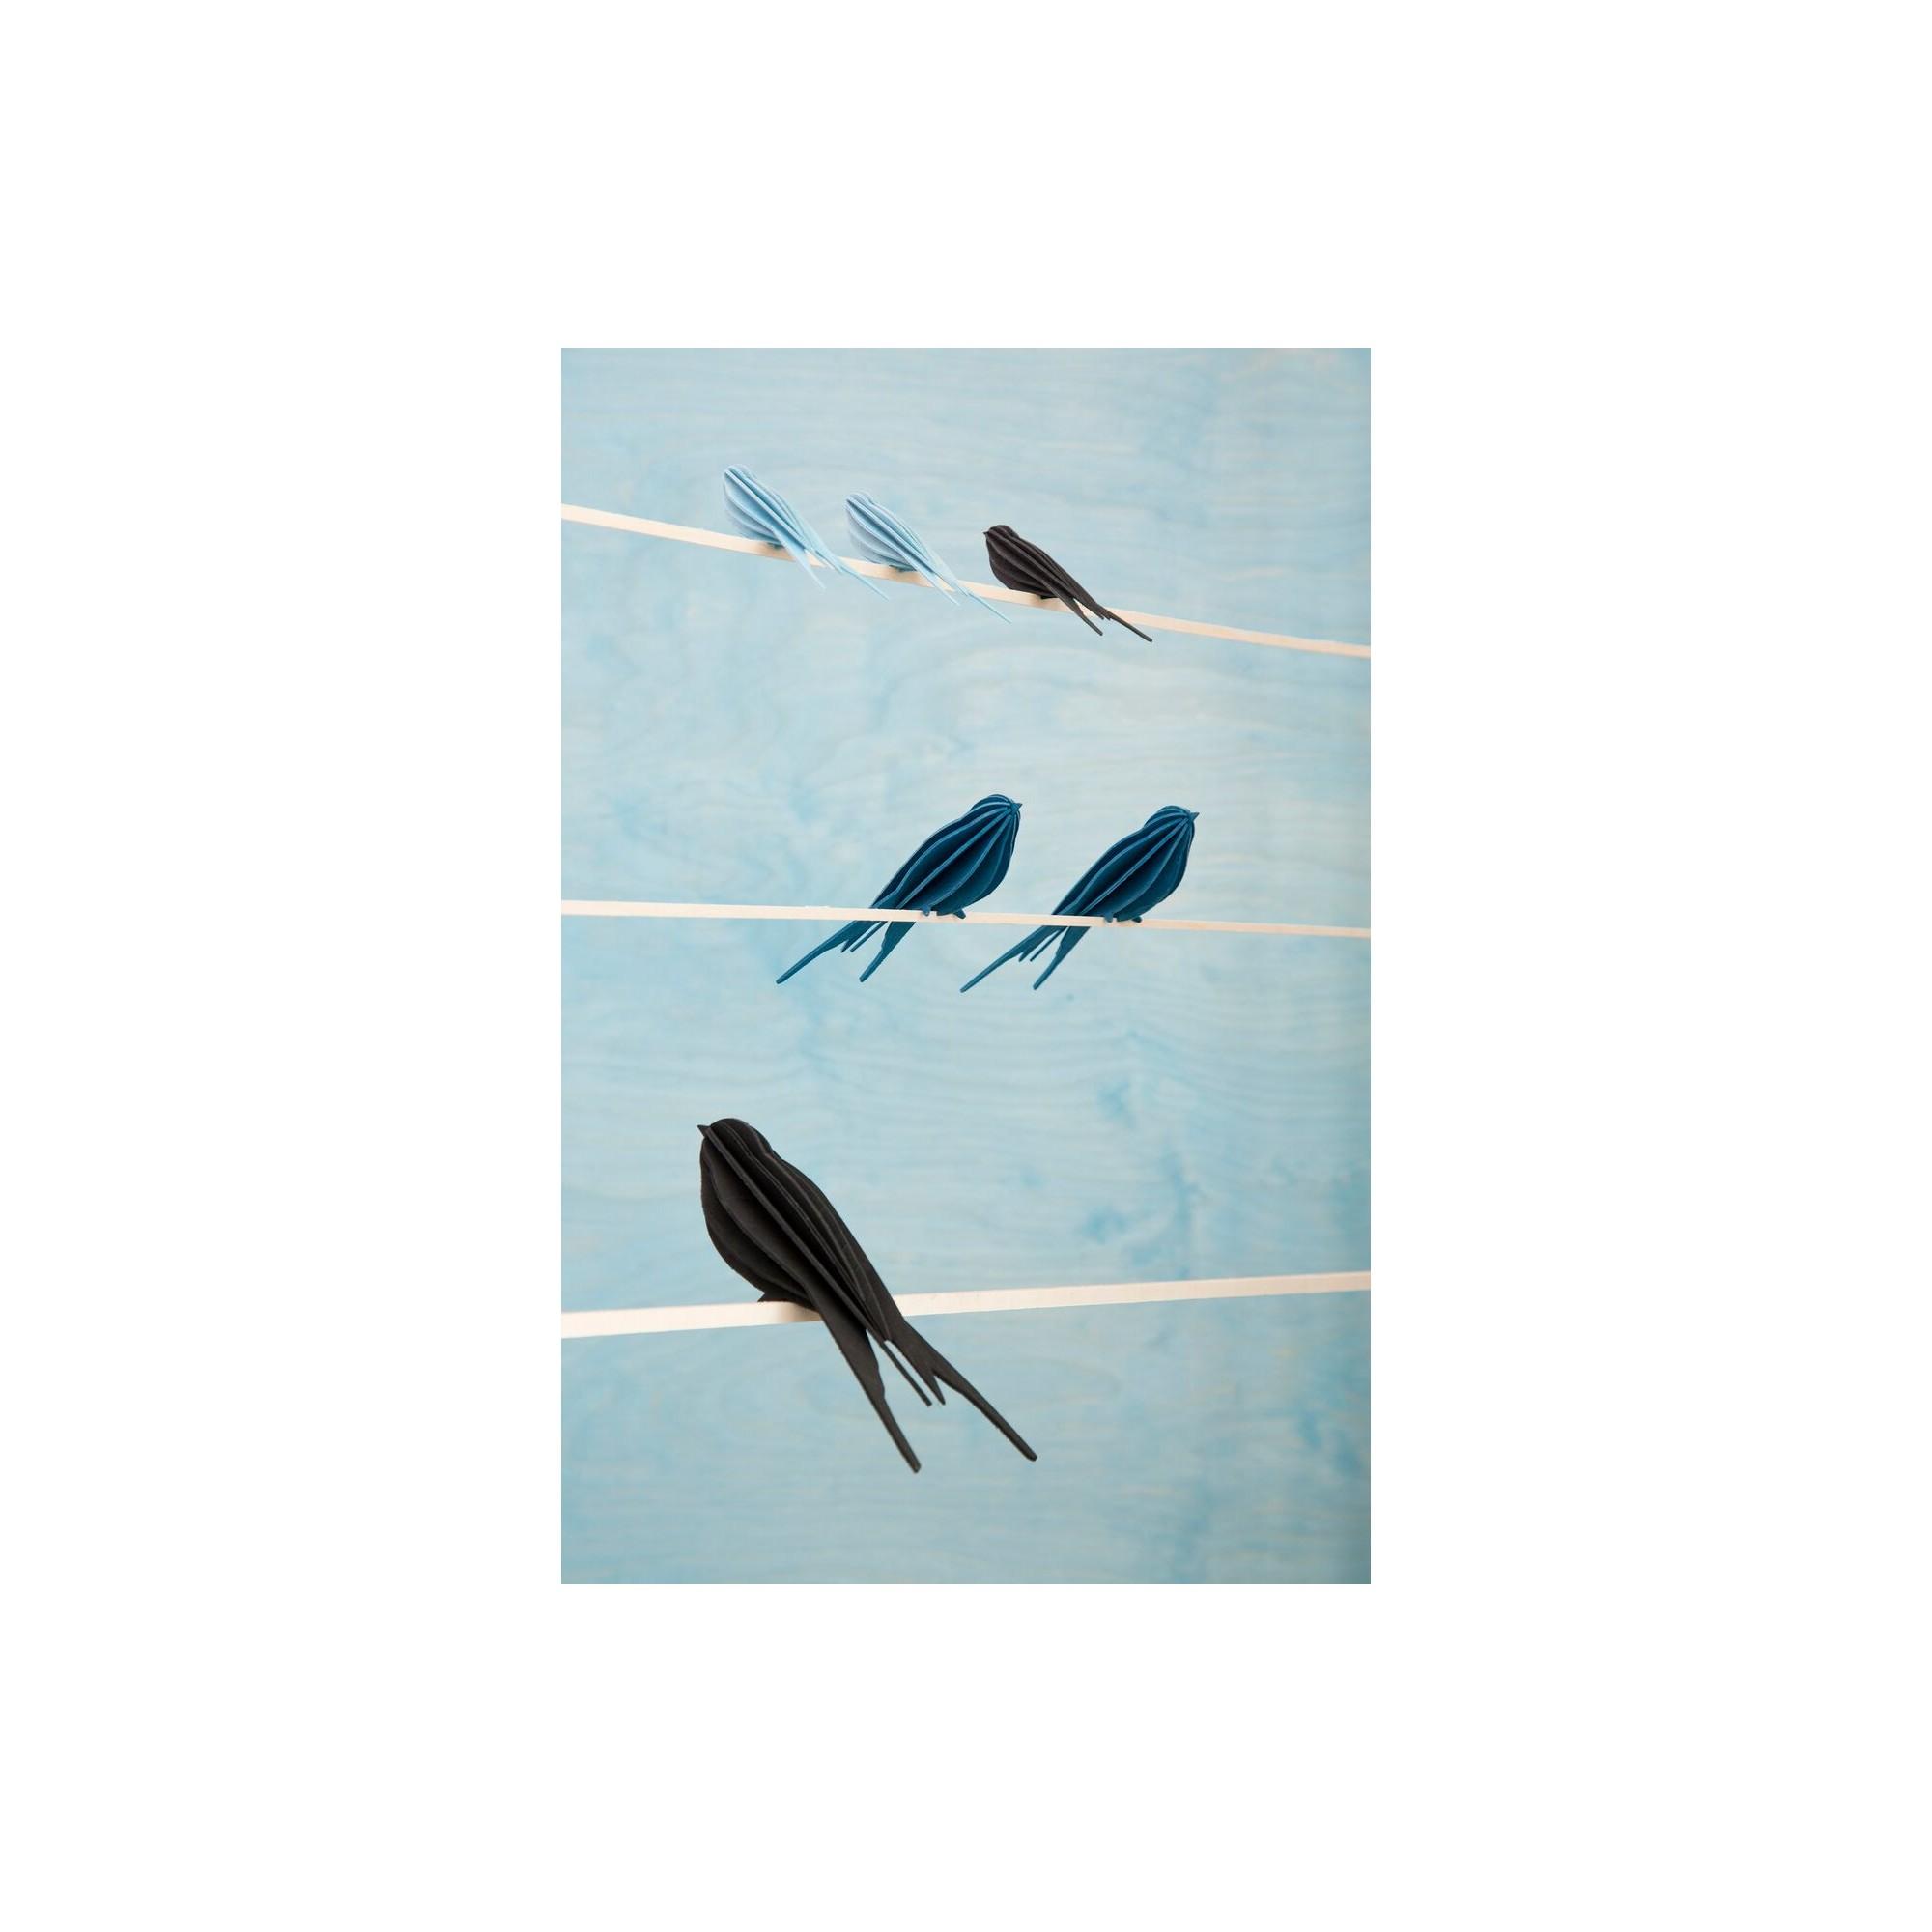 Decoration Carte Postale.Carte Postale Et Décoration Hirondelle Lovi